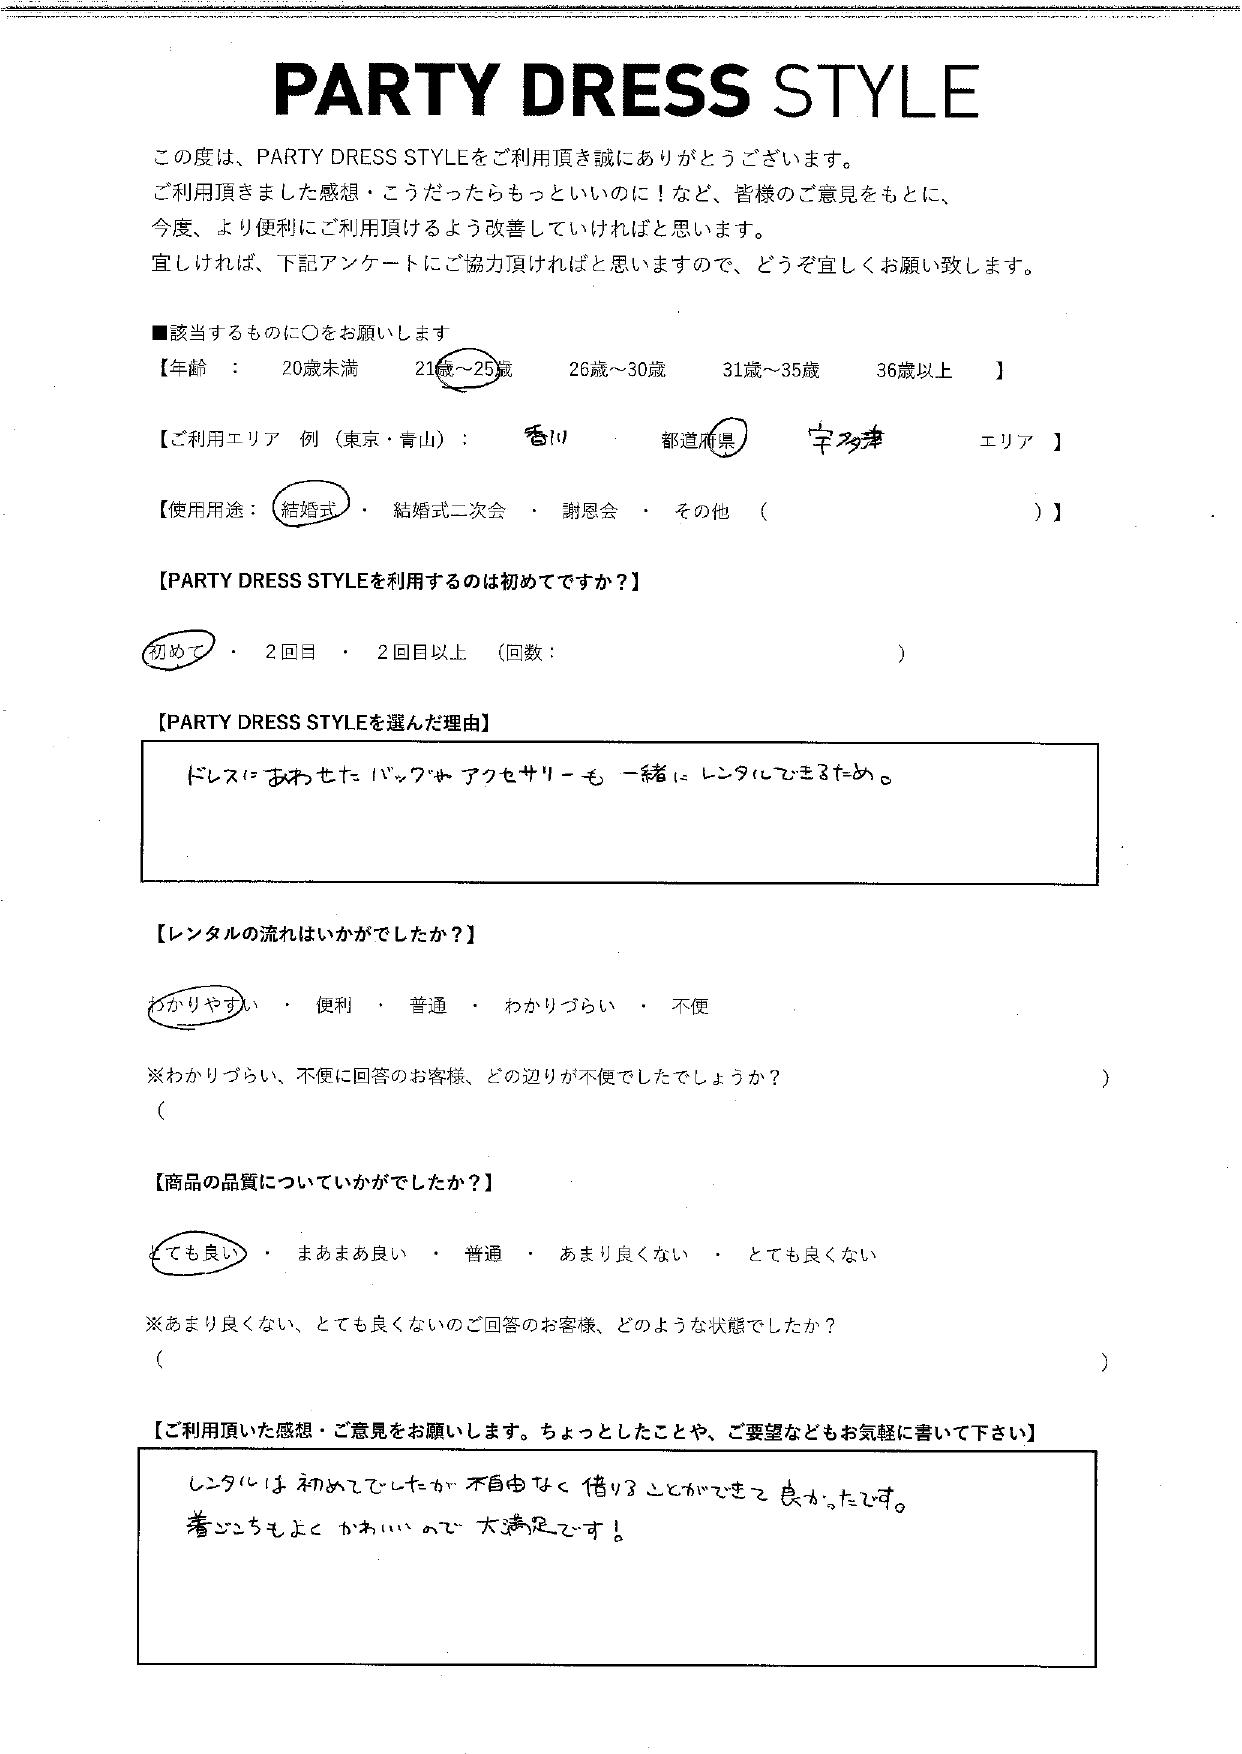 9/25結婚式ご利用 香川・宇多津エリア